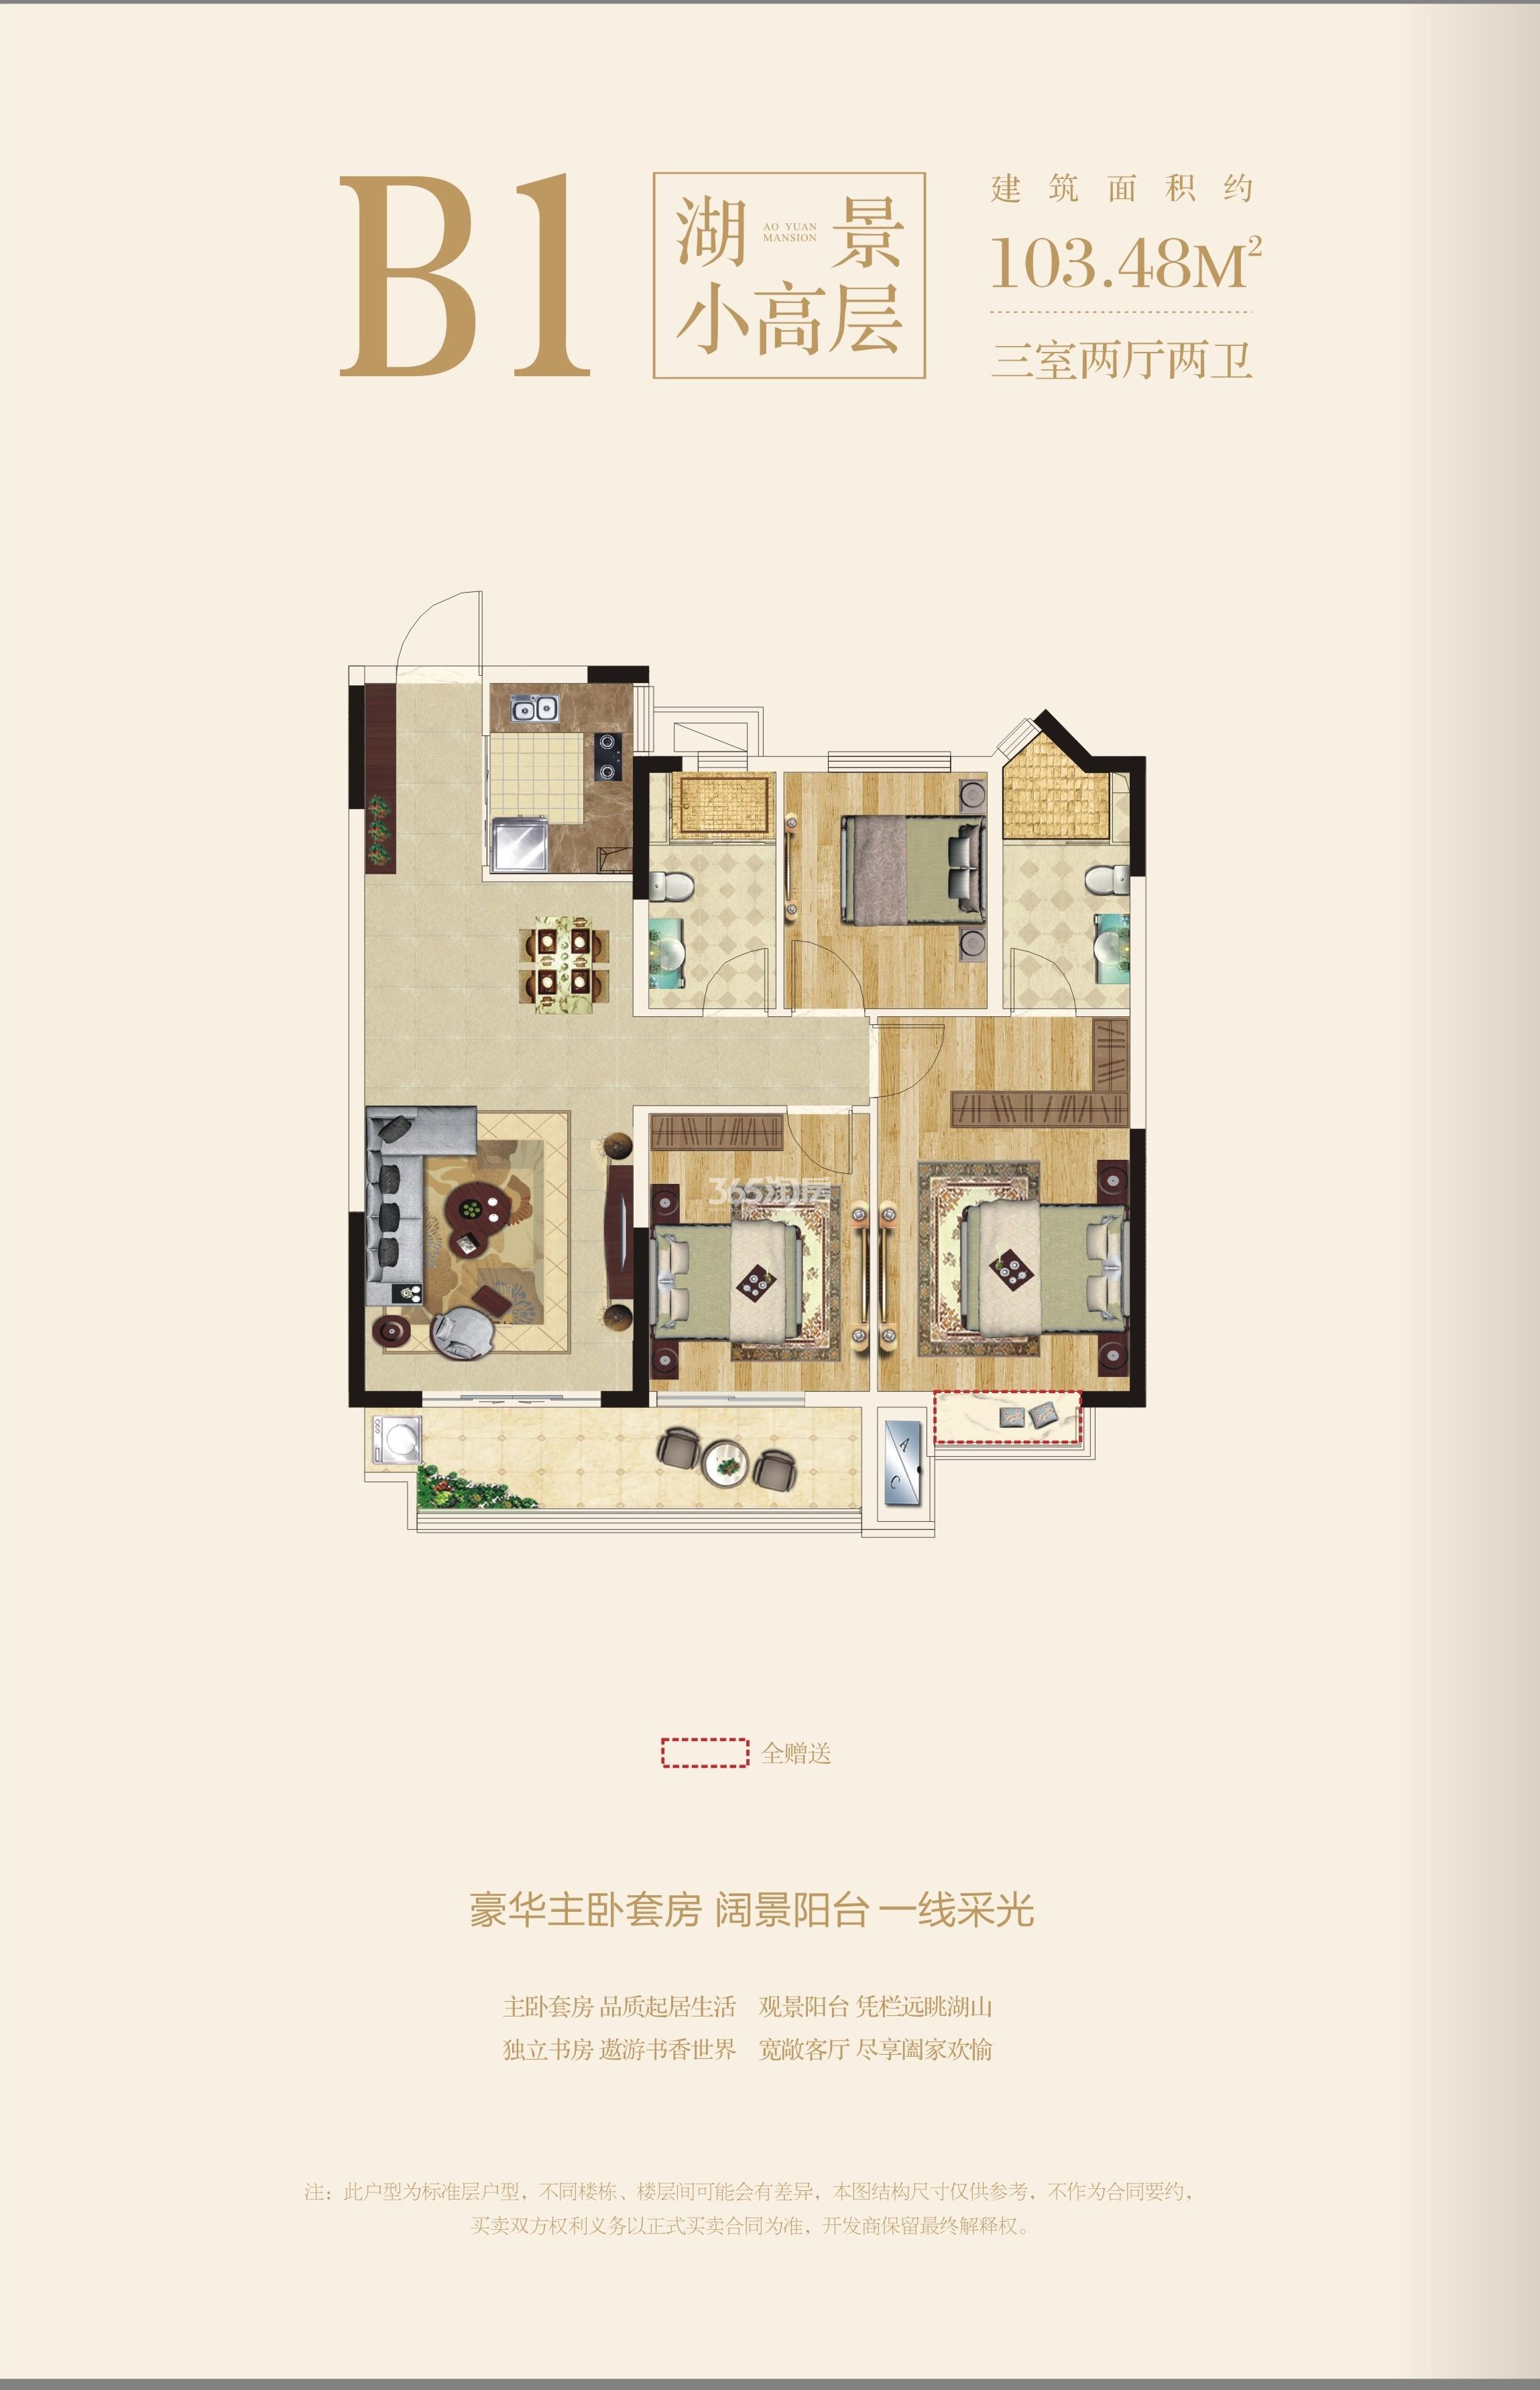 奥园誉府 小高层户型图B1 三室两厅两卫 103㎡